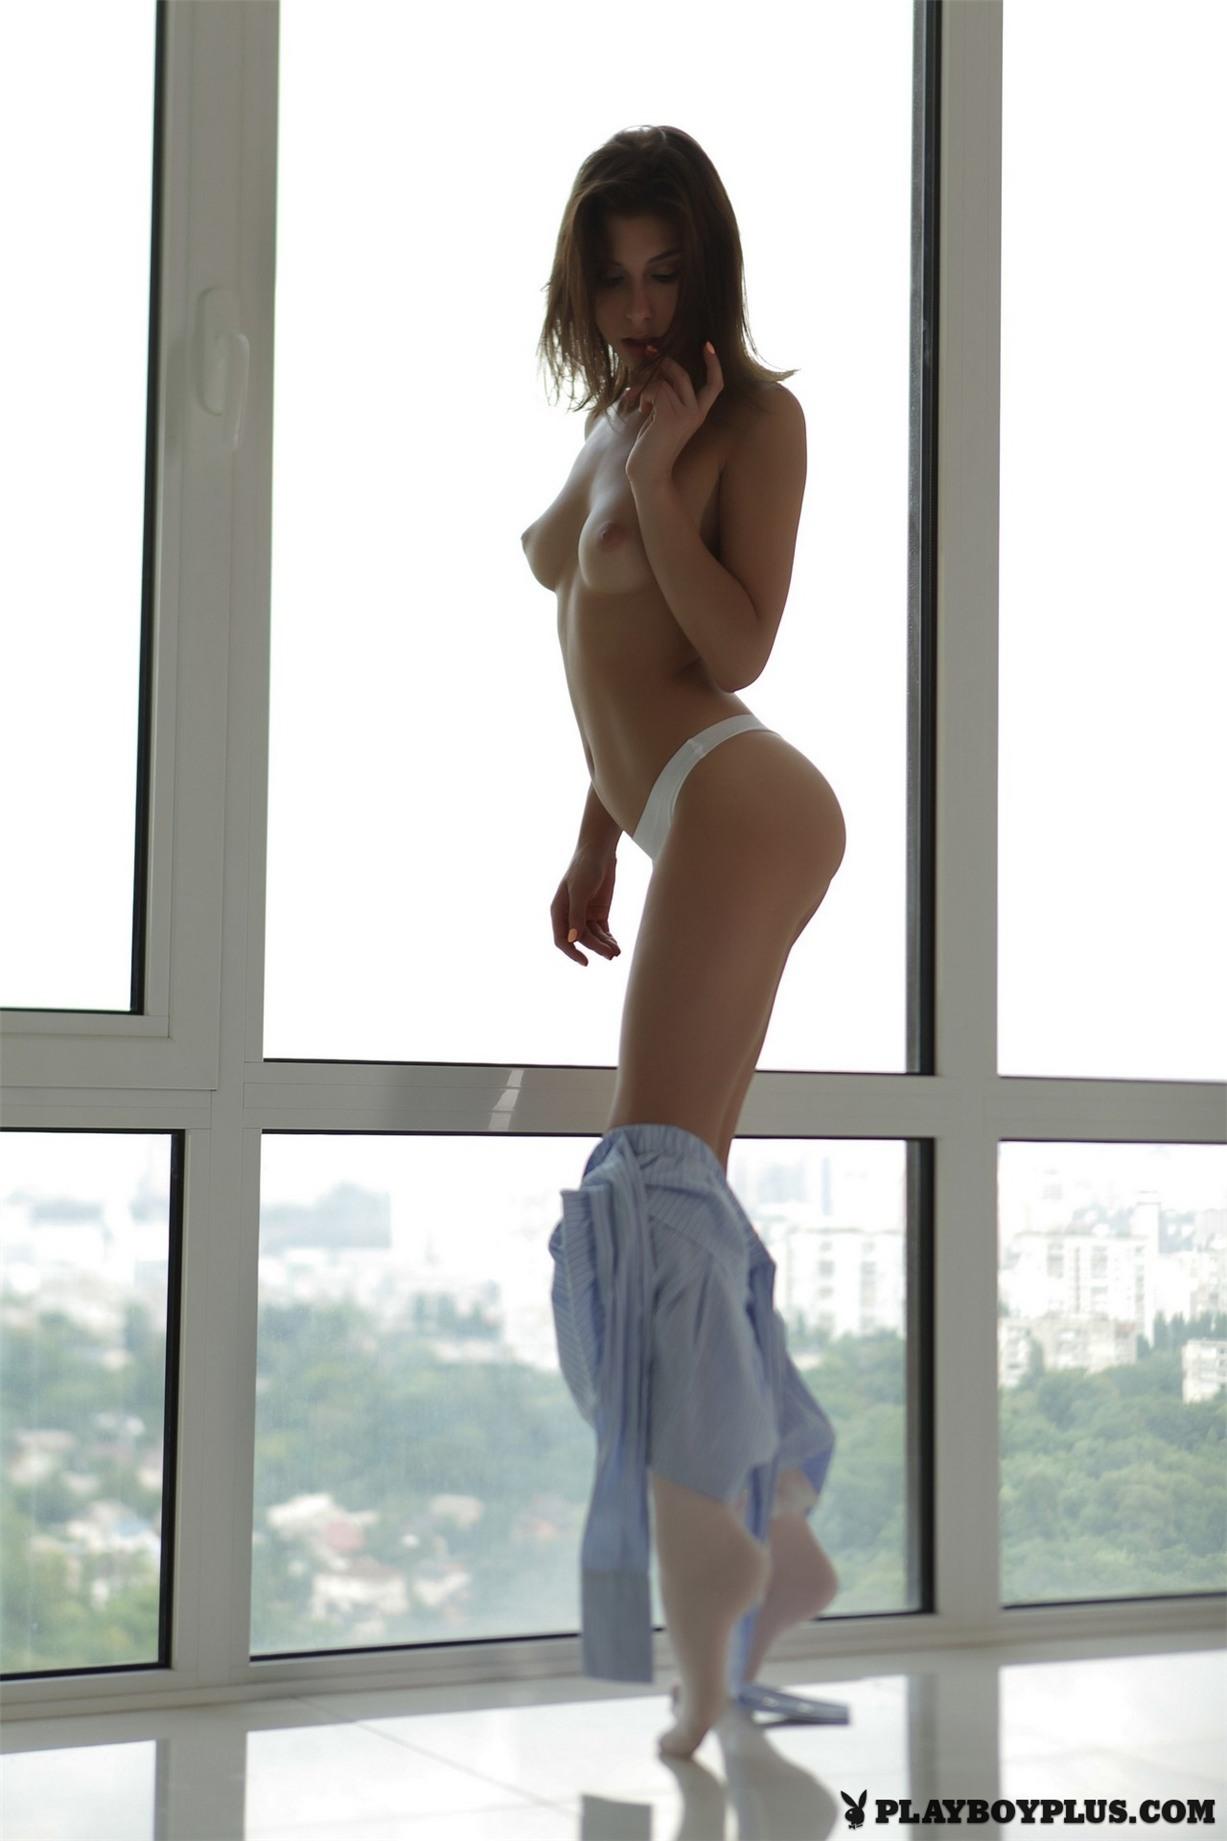 украинская фотомодель Rise nude by Natasha Schon